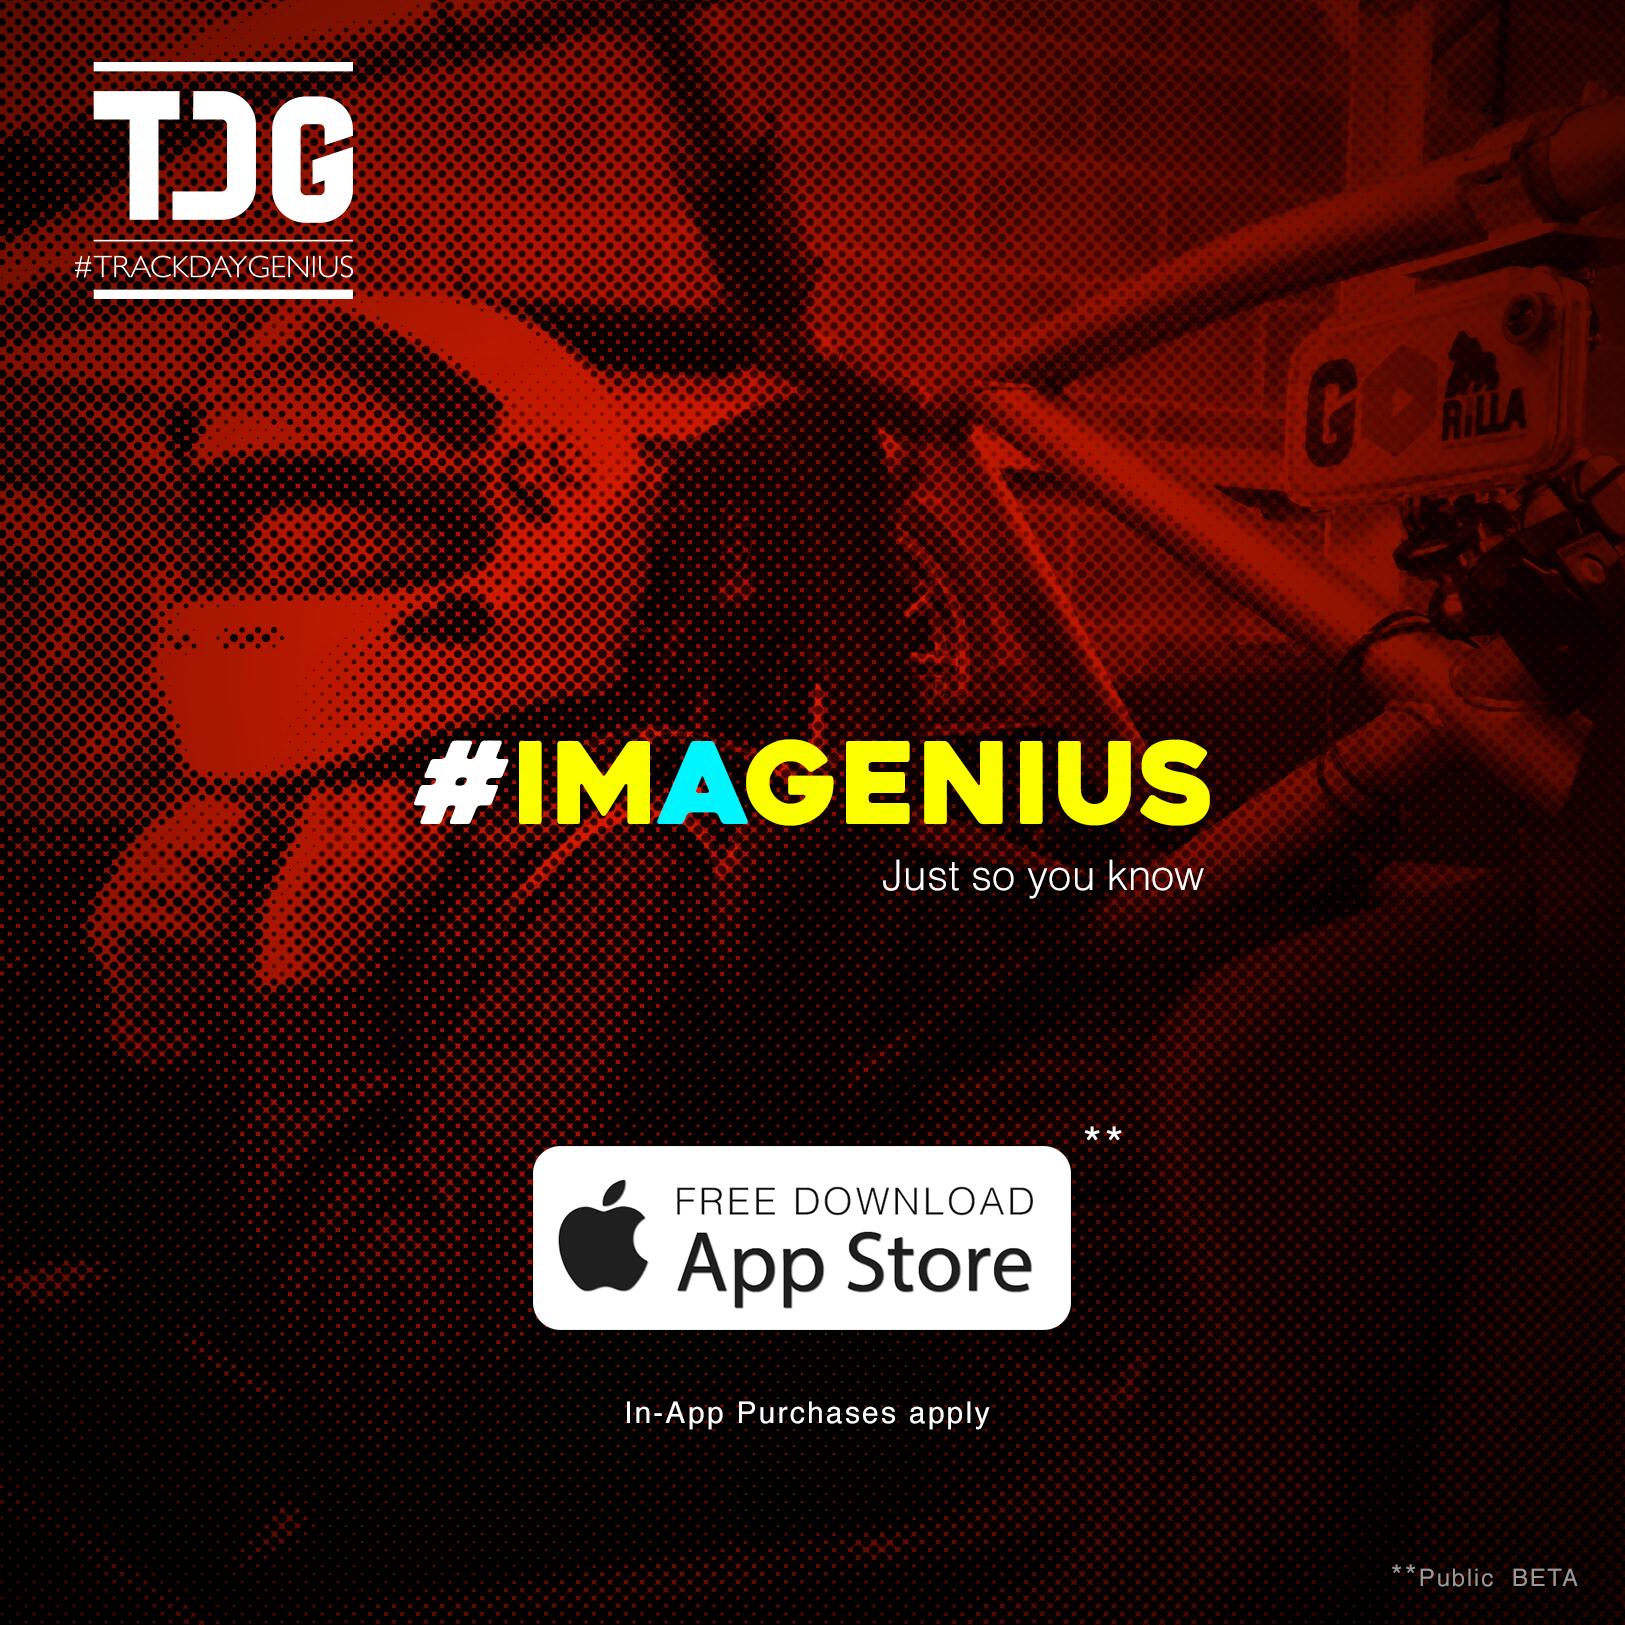 tdg-hashTag-imaGenius-sq